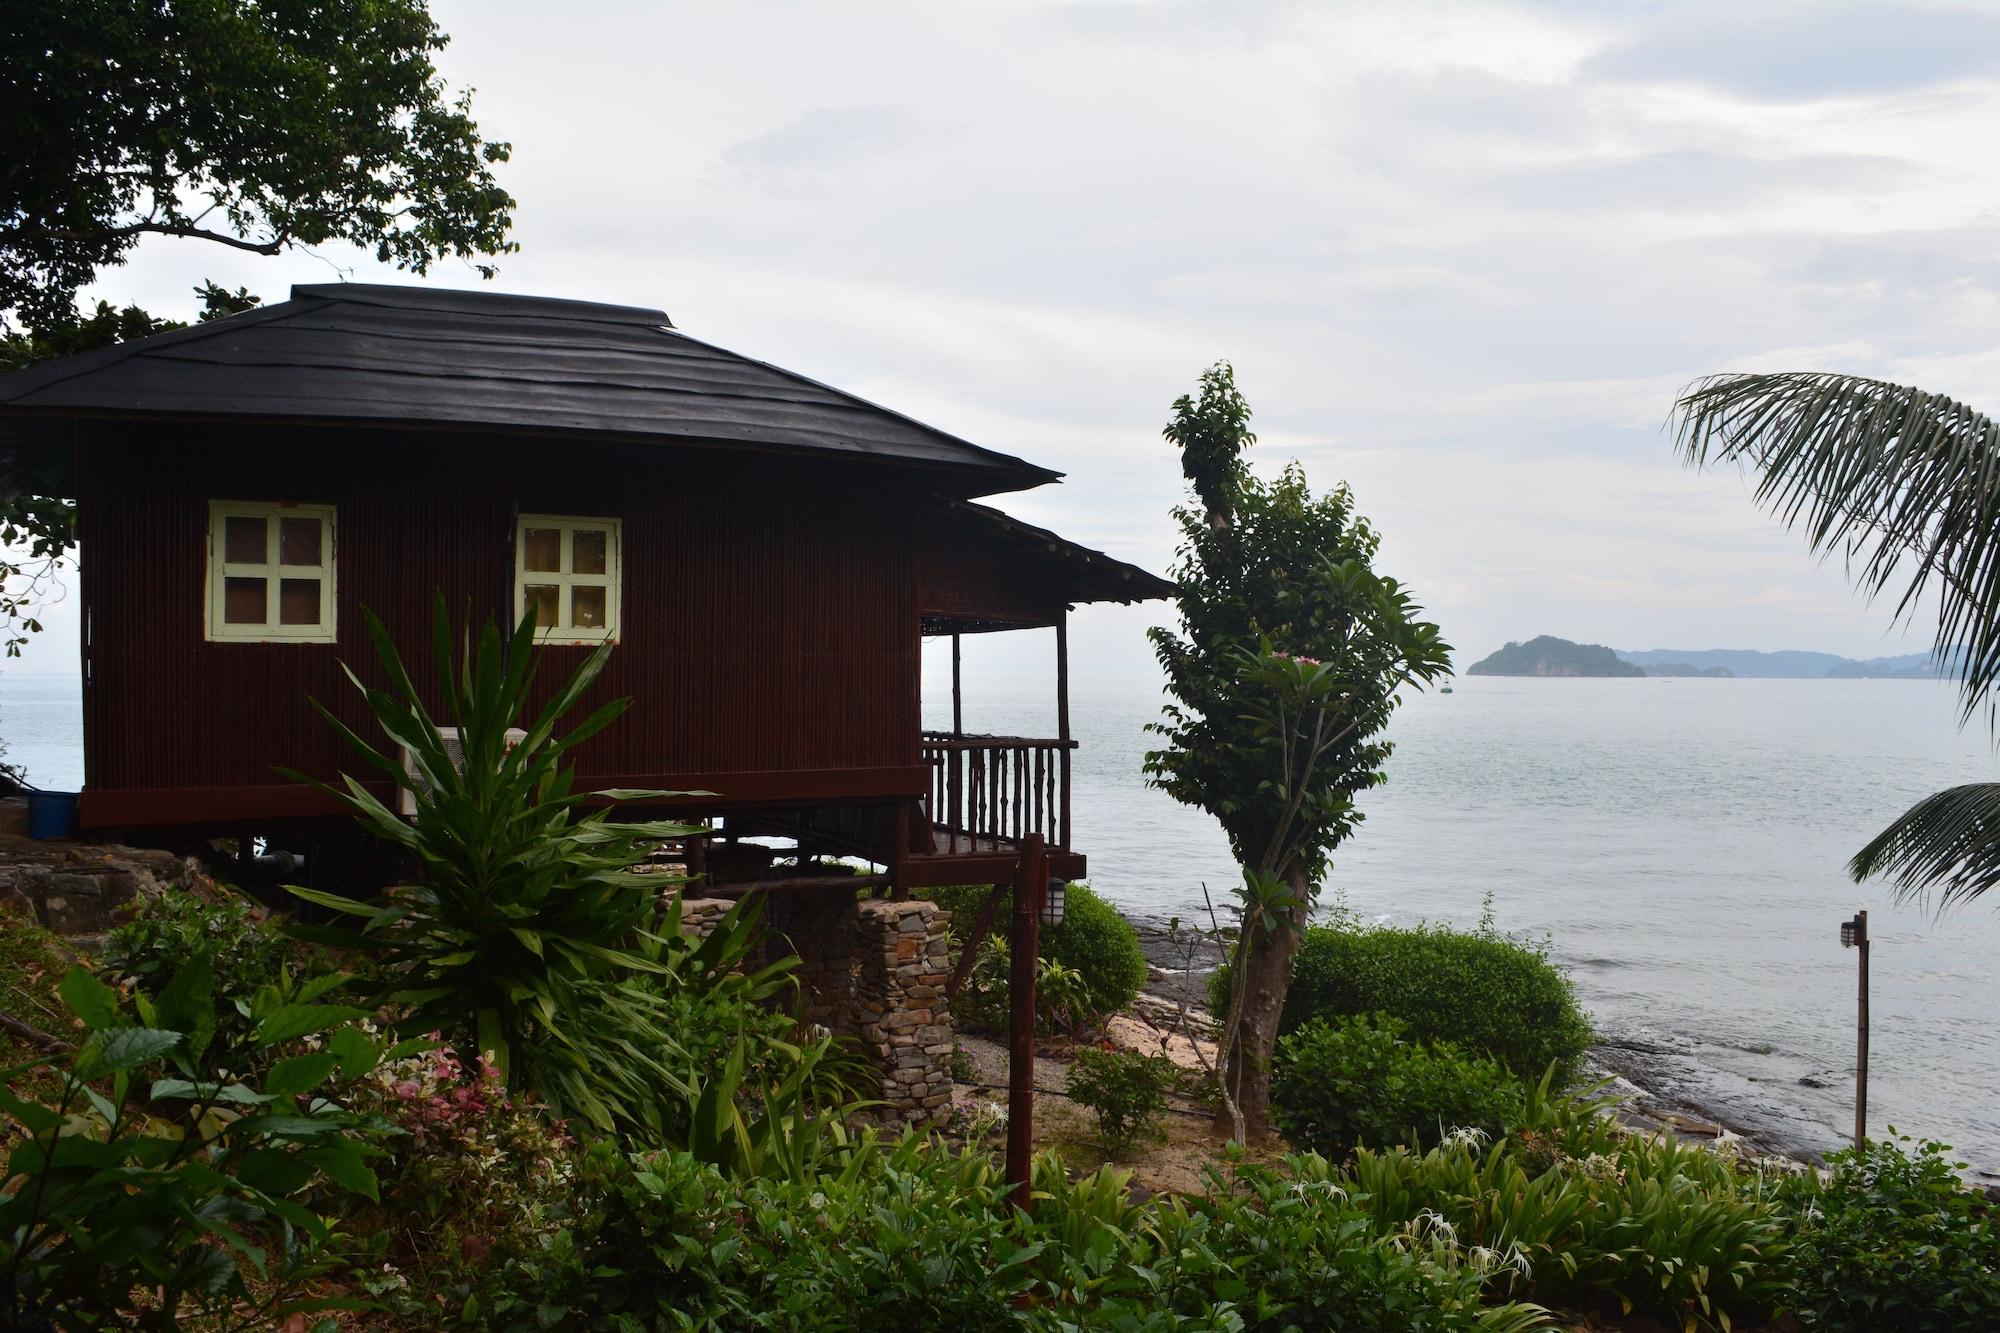 The Jemuruk Island Resort, Langkawi